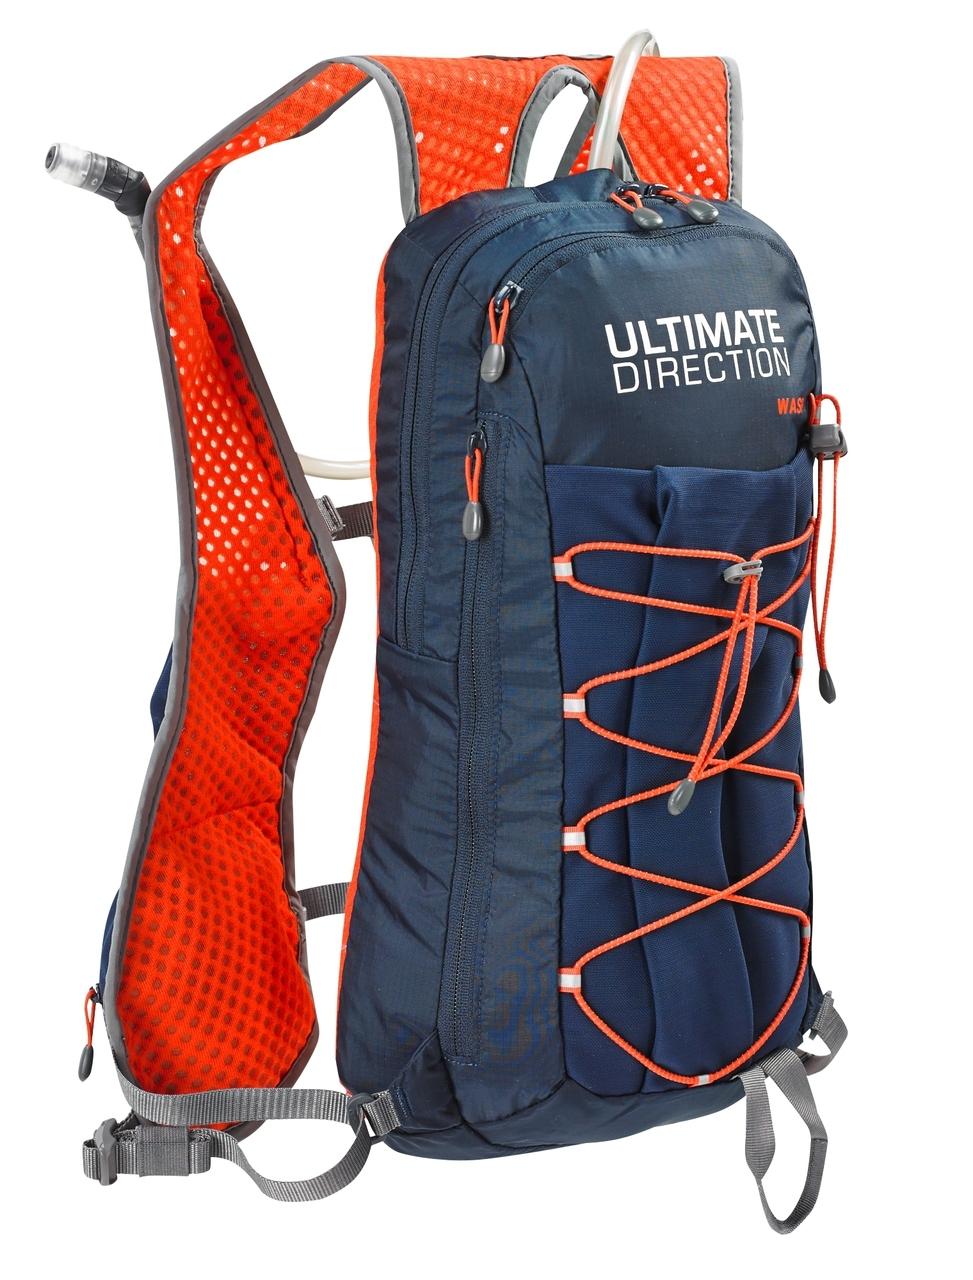 Ultimate Direction Wasp - Rygsæk inkl. 2 liter væskeblære - Navy/orange | Travel bags